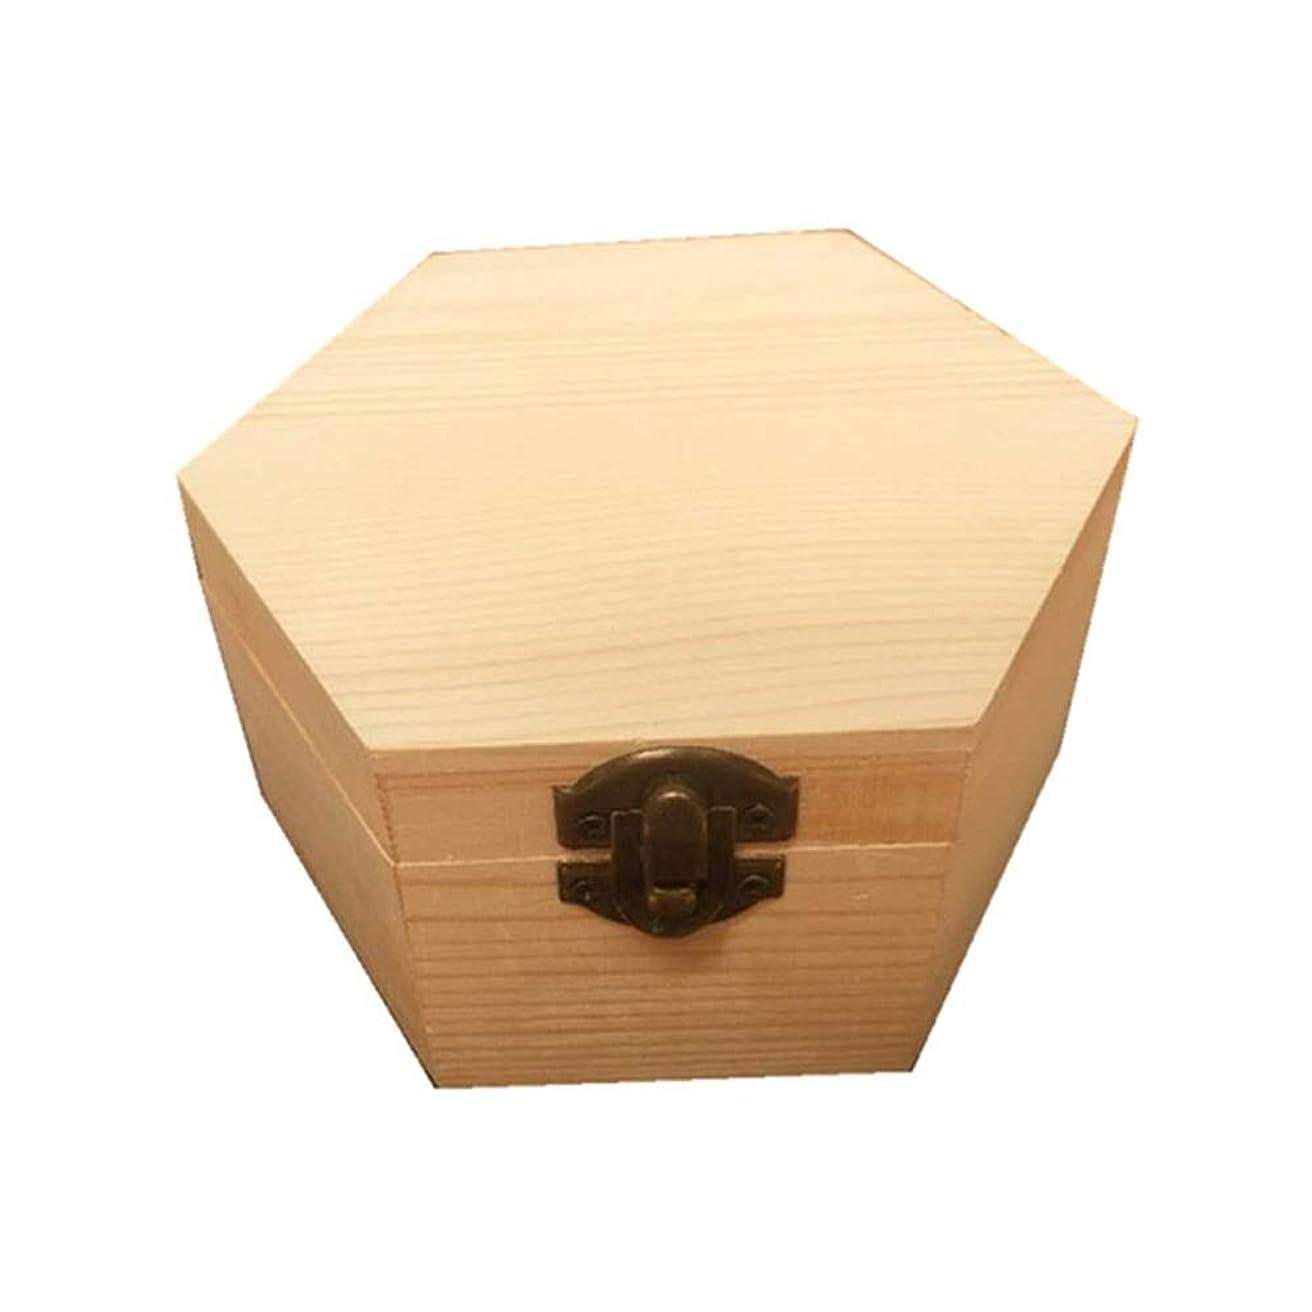 計算波紋教手作りの木製ギフトボックスパーフェクトエッセンシャルオイルケースにエッセンシャルオイル 香水フレグランス (色 : Natural, サイズ : 13X11.3X6.8CM)